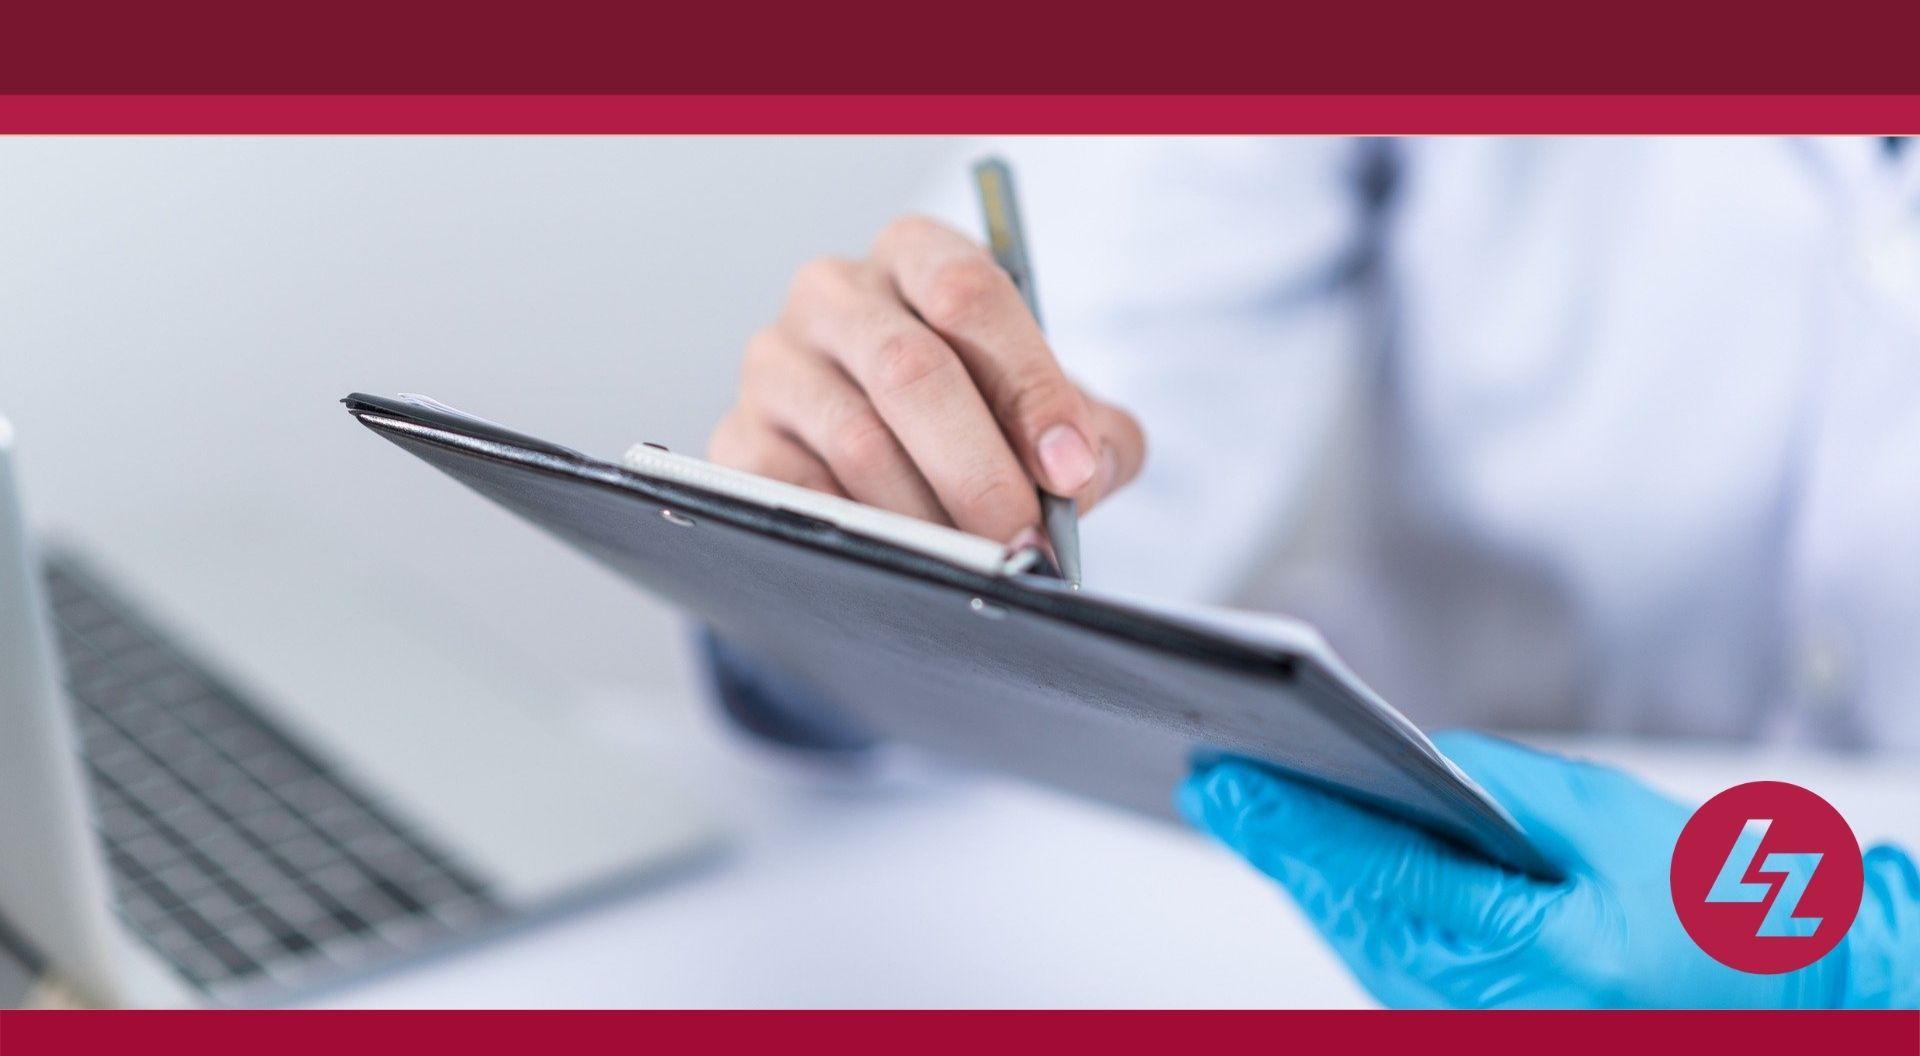 Особенности устного и письменного перевода в медицинских учреждениях Германии